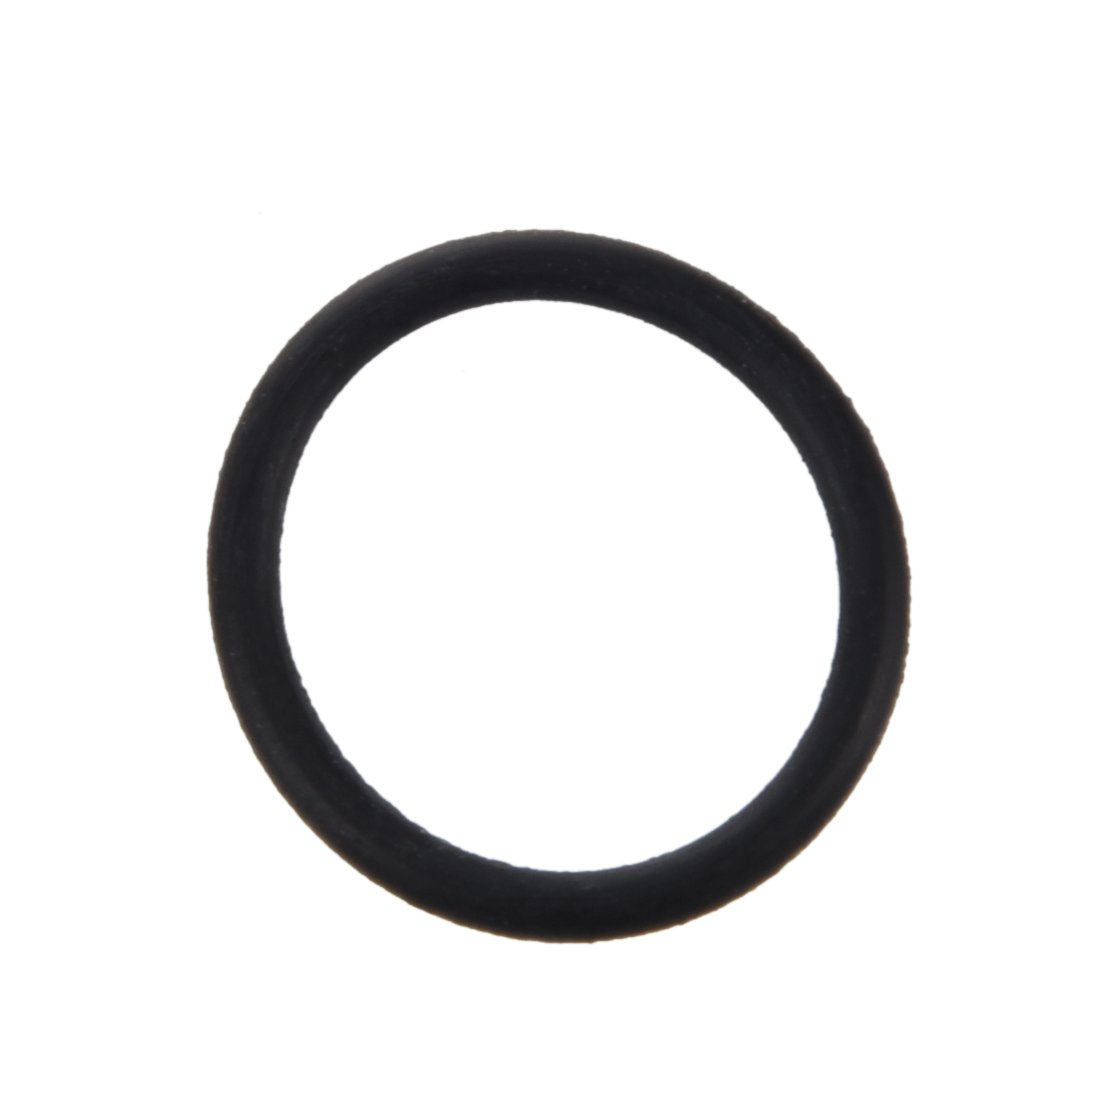 Dichtungsring // Wellendichtring // O-Ring Dichtungsring 20 x 2 mm Schwarz Kautschuk TOOGOO 10 Stueck R